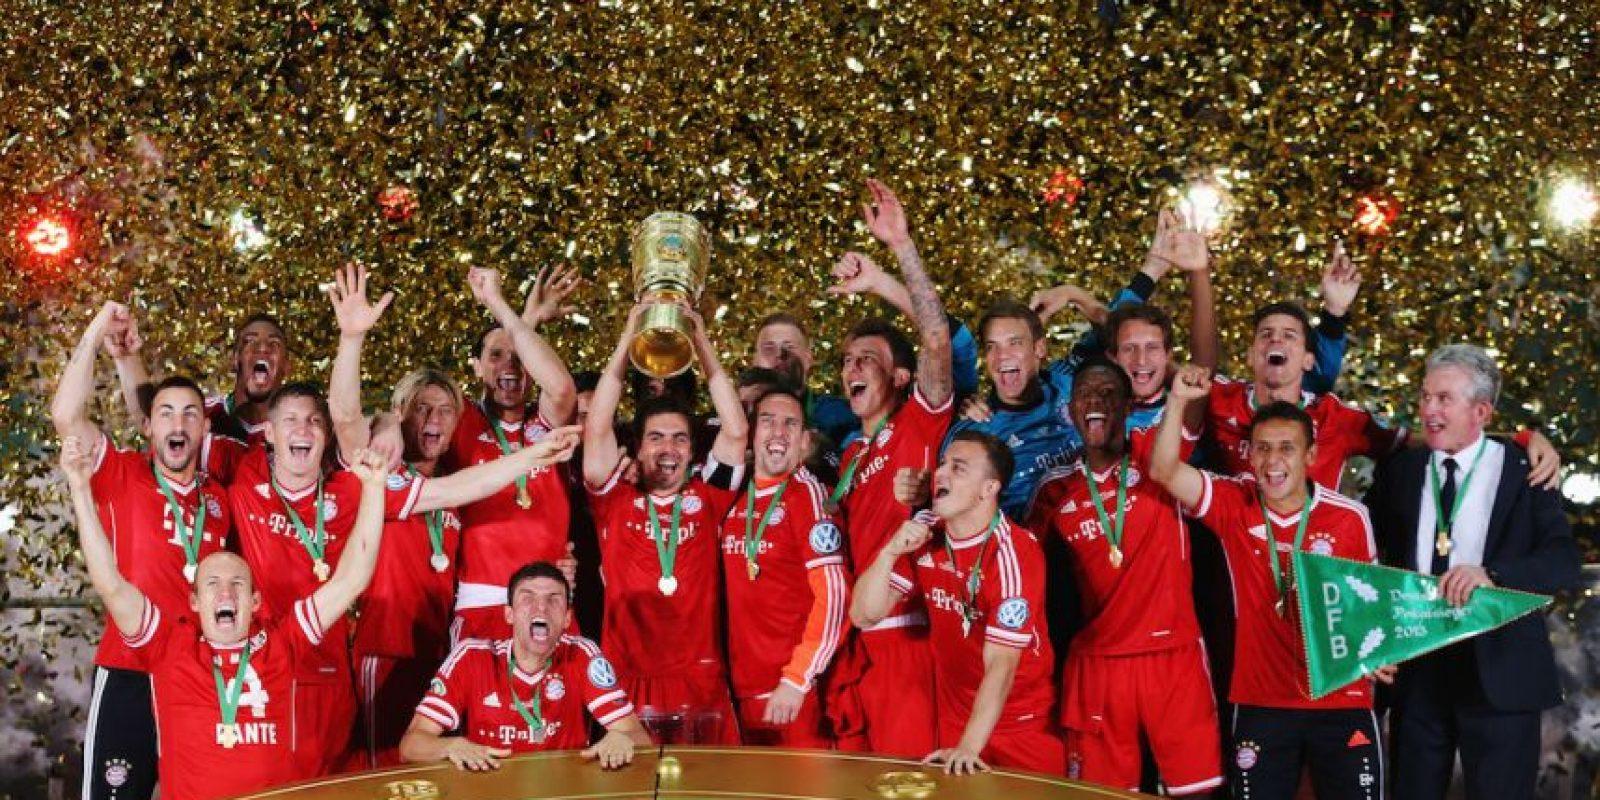 La Bundesliga la conquistaron a principios de abril con un récord de puntos, la DFB Pokal se la arrebataron al Sttutgart y la Champions League al Borussia Dortmund por marcador 2-1 en el Estadio de Wembley, en Londres. Foto:Getty Images